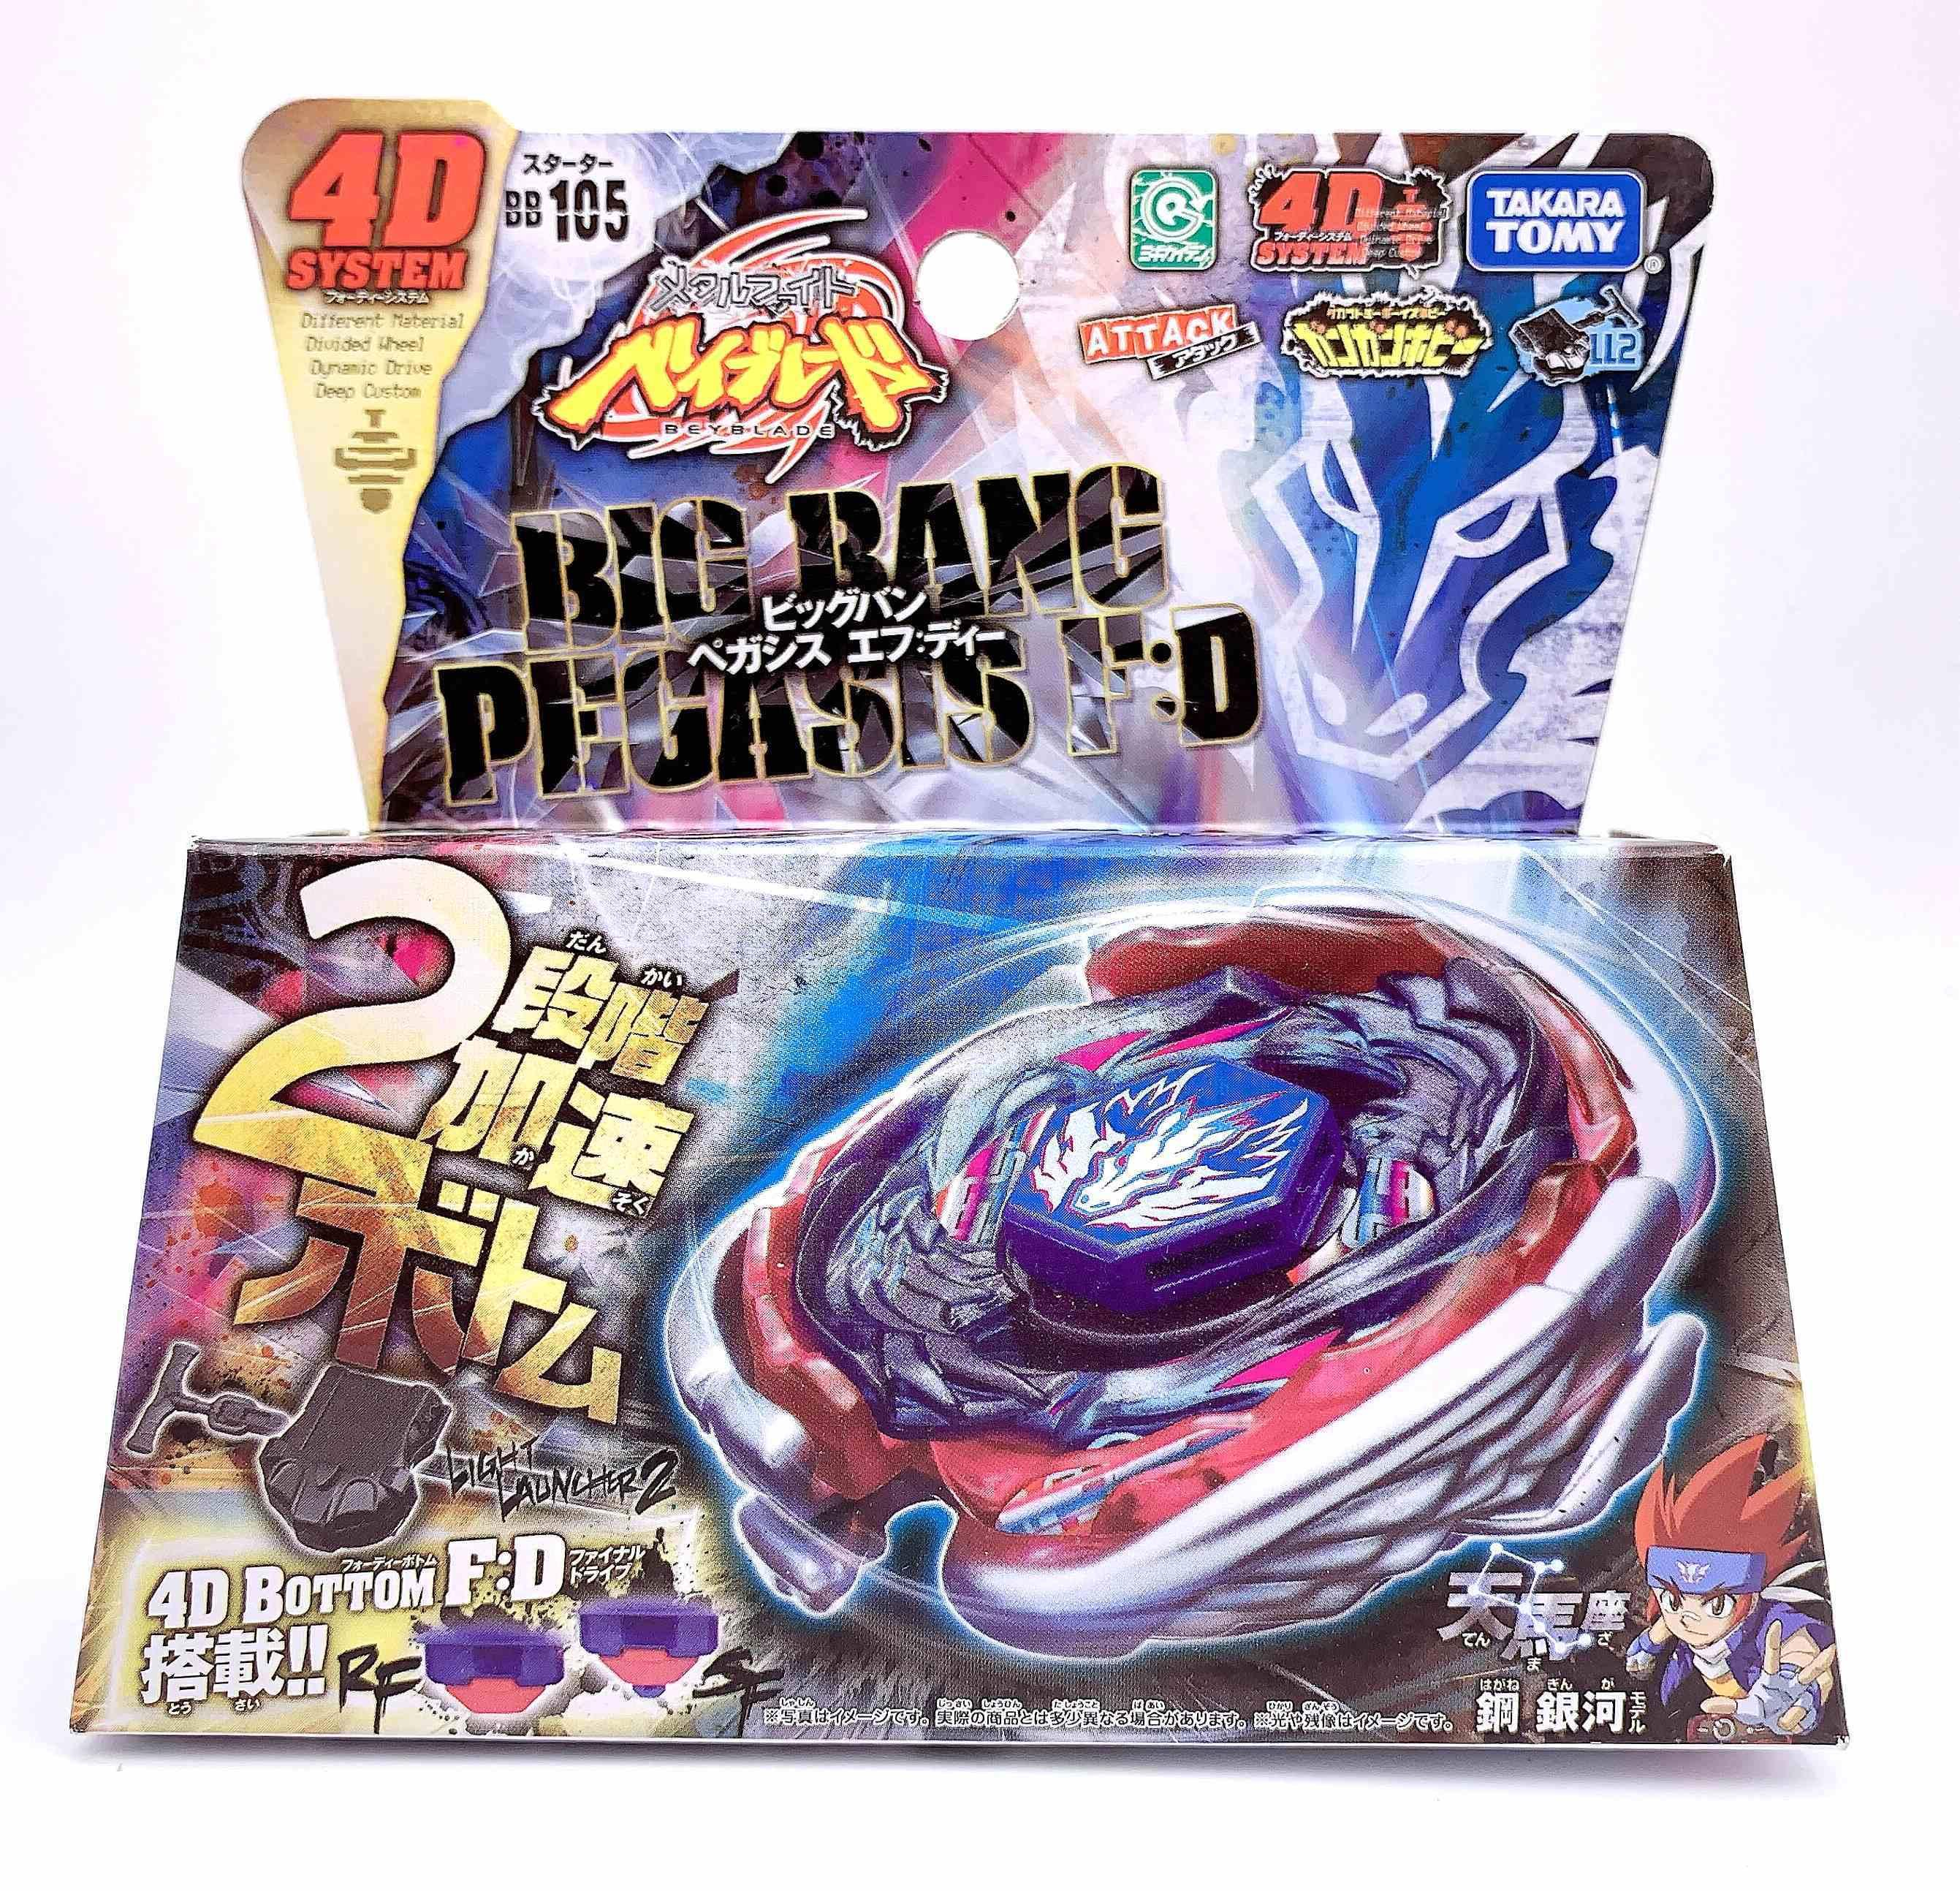 Takara Tomy Beyblade BB105 Big Bang Pegasis Q1122